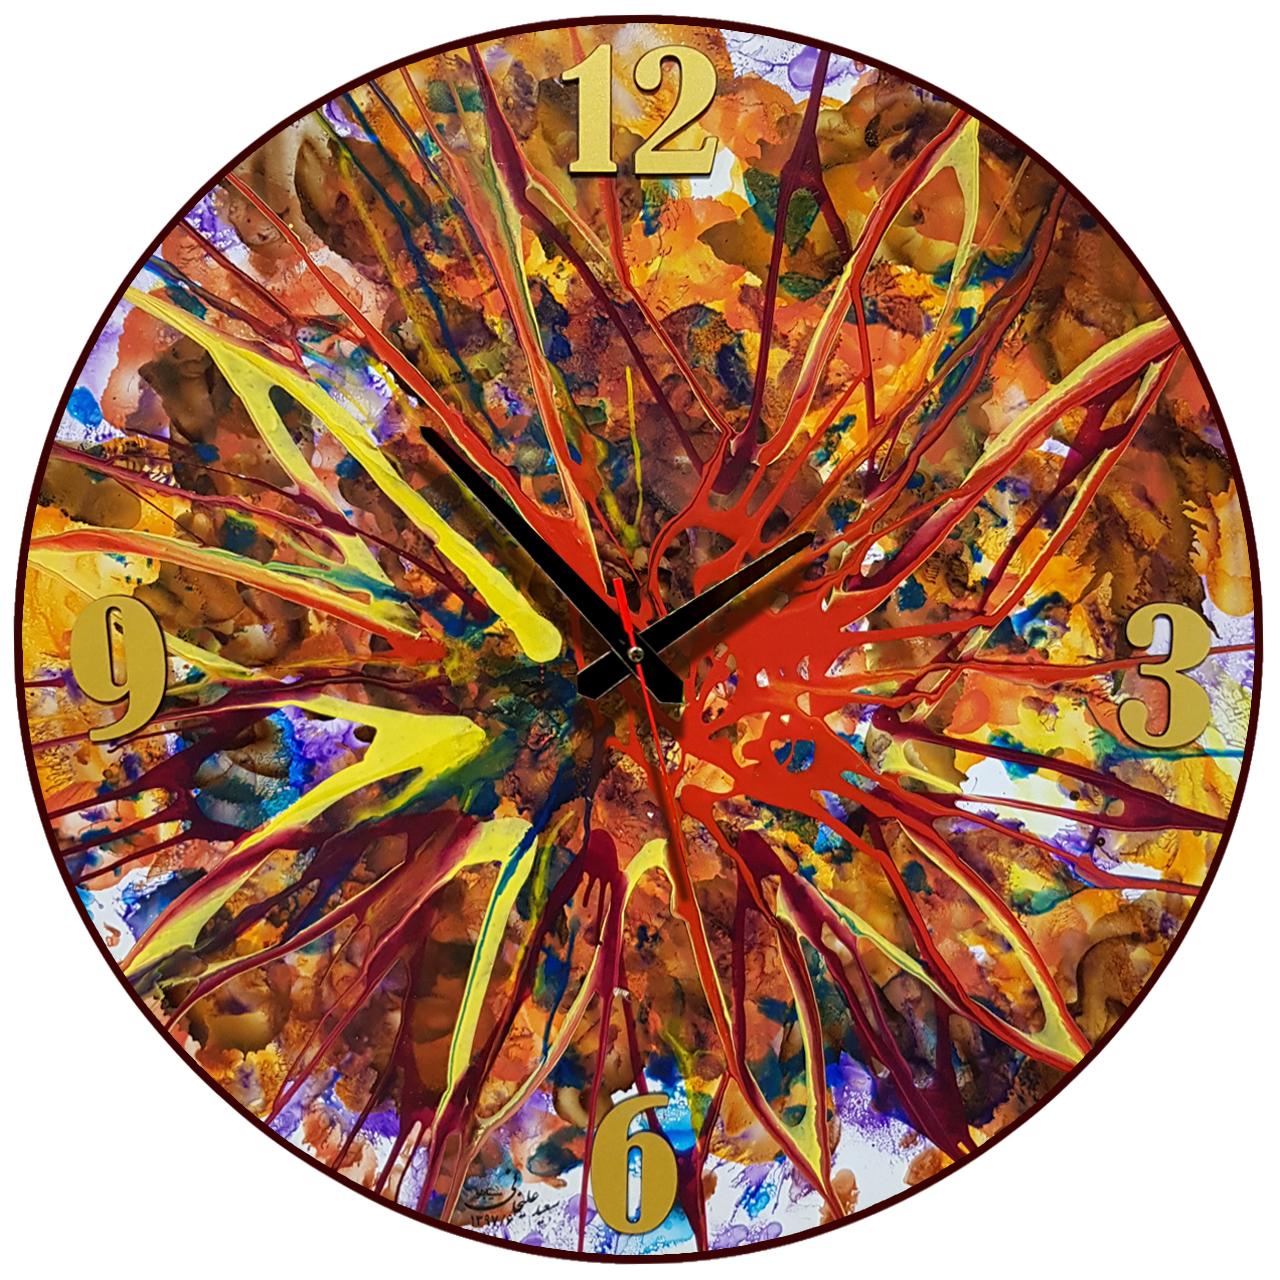 خرید                      ساعت دیواری نقاشی سیتابلو کد Ts60-11